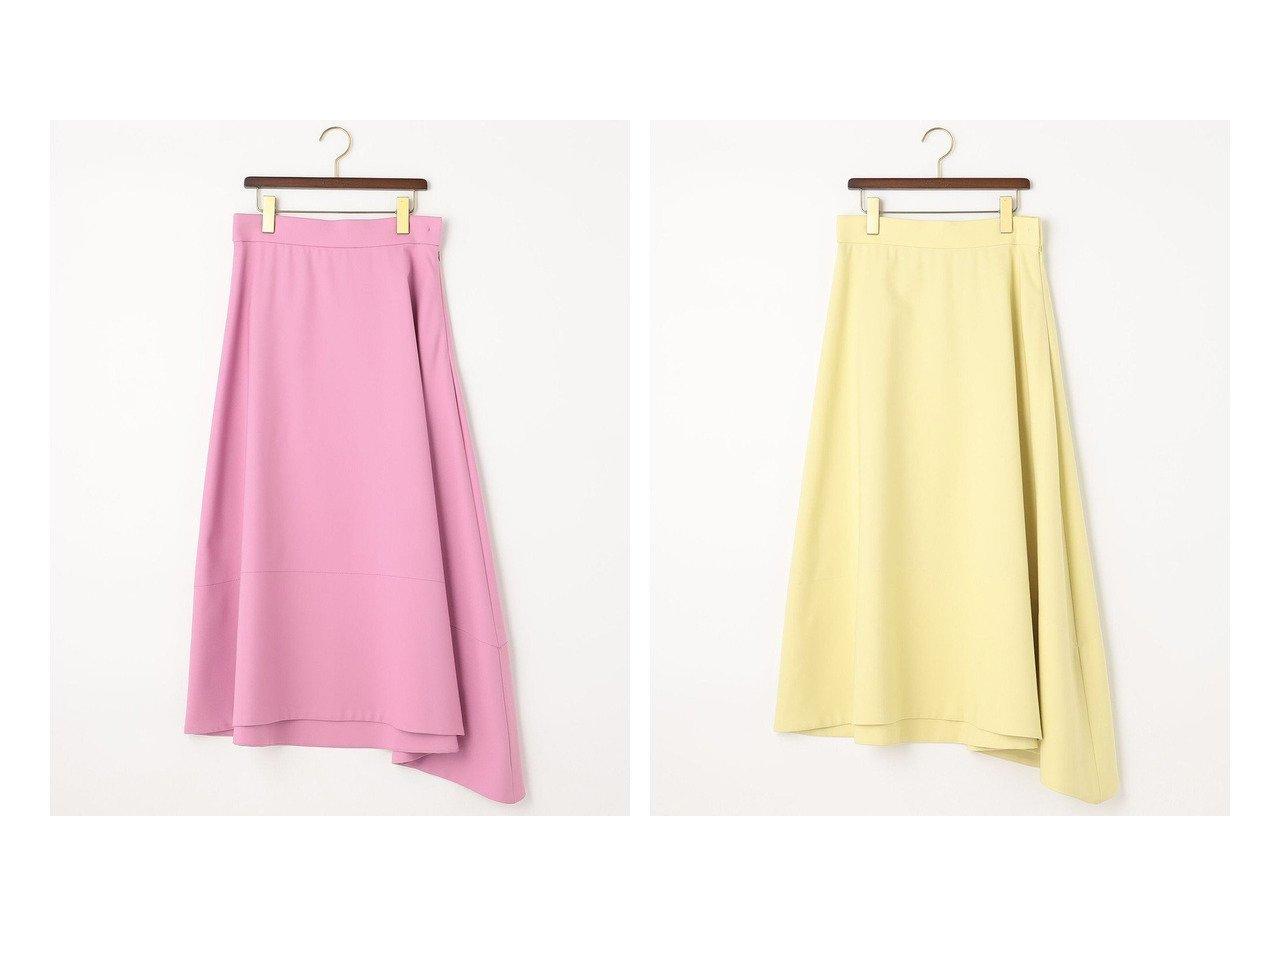 【JIYU-KU/自由区】の【Class Lounge】Wクロス スカート 【スカート】おすすめ!人気、トレンド・レディースファッションの通販 おすすめで人気の流行・トレンド、ファッションの通販商品 インテリア・家具・メンズファッション・キッズファッション・レディースファッション・服の通販 founy(ファニー) https://founy.com/ ファッション Fashion レディースファッション WOMEN スカート Skirt 送料無料 Free Shipping 2021年 2021 2021春夏・S/S SS/Spring/Summer/2021 S/S・春夏 SS・Spring/Summer アシンメトリー ストレッチ モダン 吸水 日本製 Made in Japan |ID:crp329100000047546